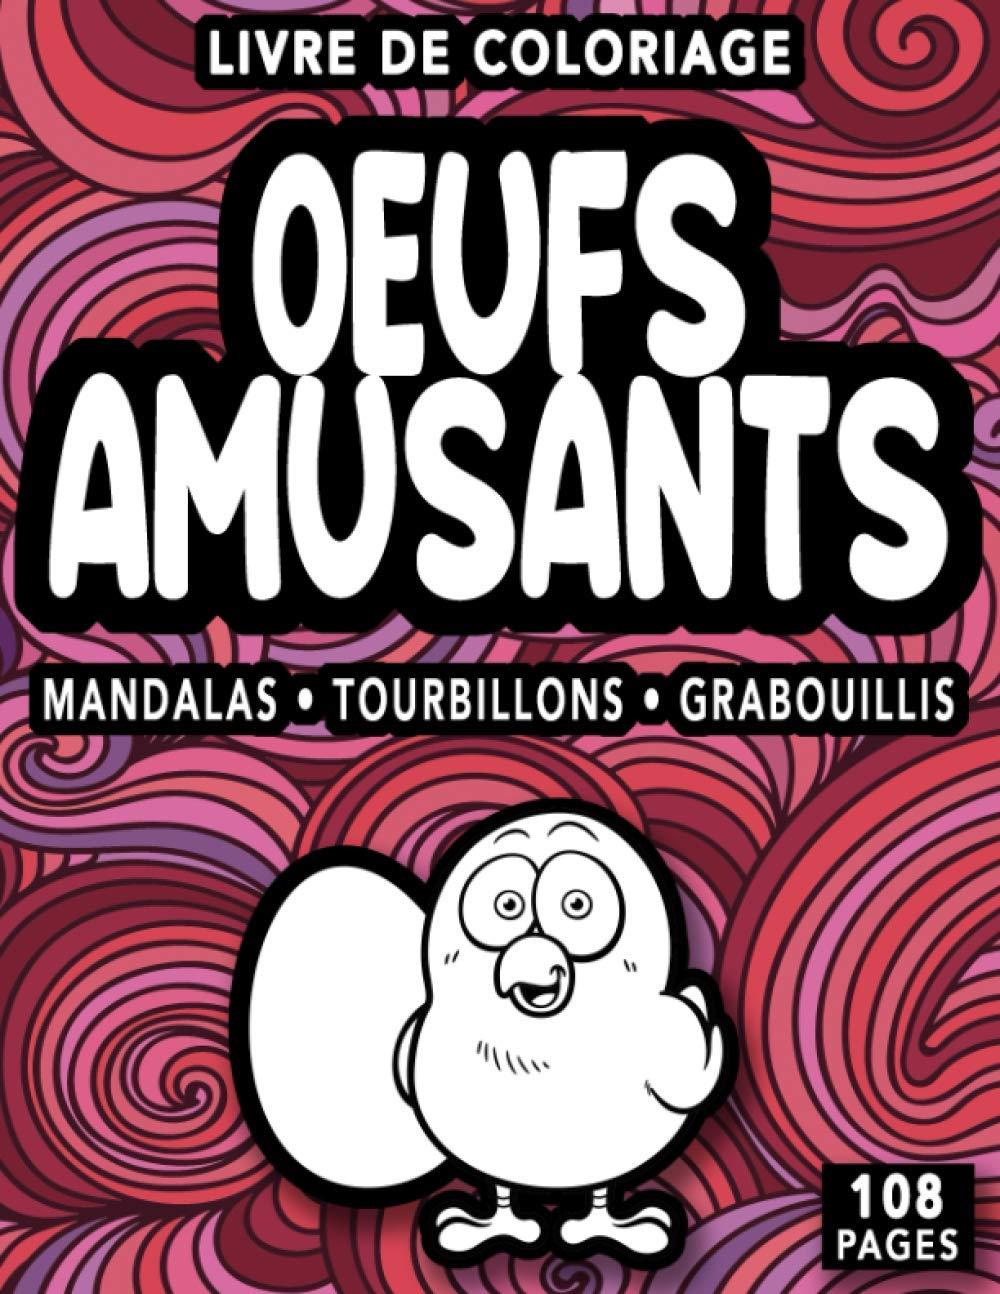 OEUFS AMUSANTS Livre de coloriage MANDALAS, TOURBILLONS, GRABOUILLIS: Pâques, Cadeau, Drôle, Humour, Anniversaire – Un livre à colorier différent pour soulager le stress et se détendre